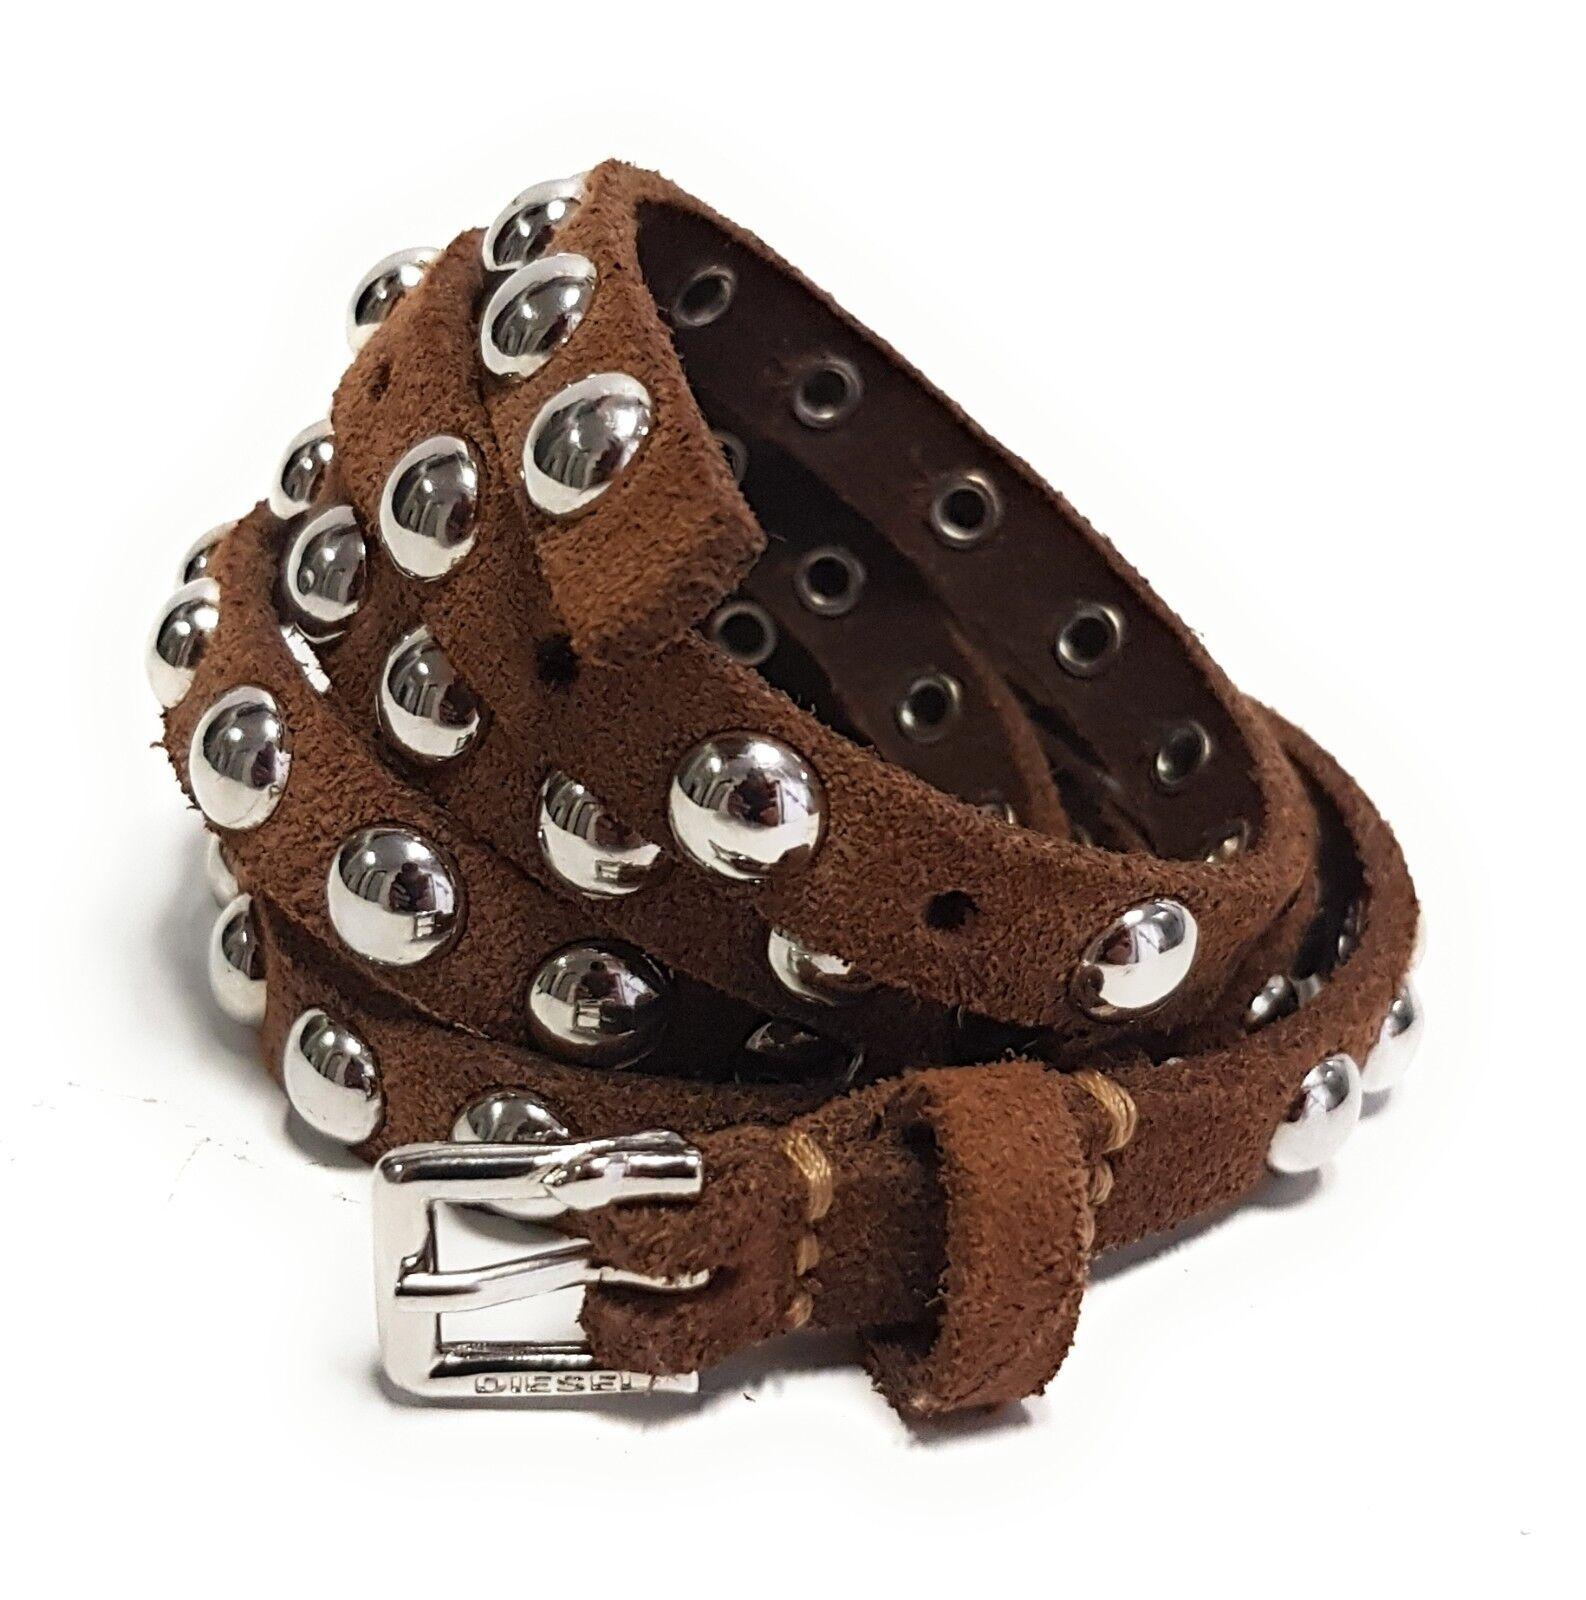 DIESEL Leder Designer Gürtel BENZIL Leather Belt Cintura Riemen 85cm 00SHTQ #54